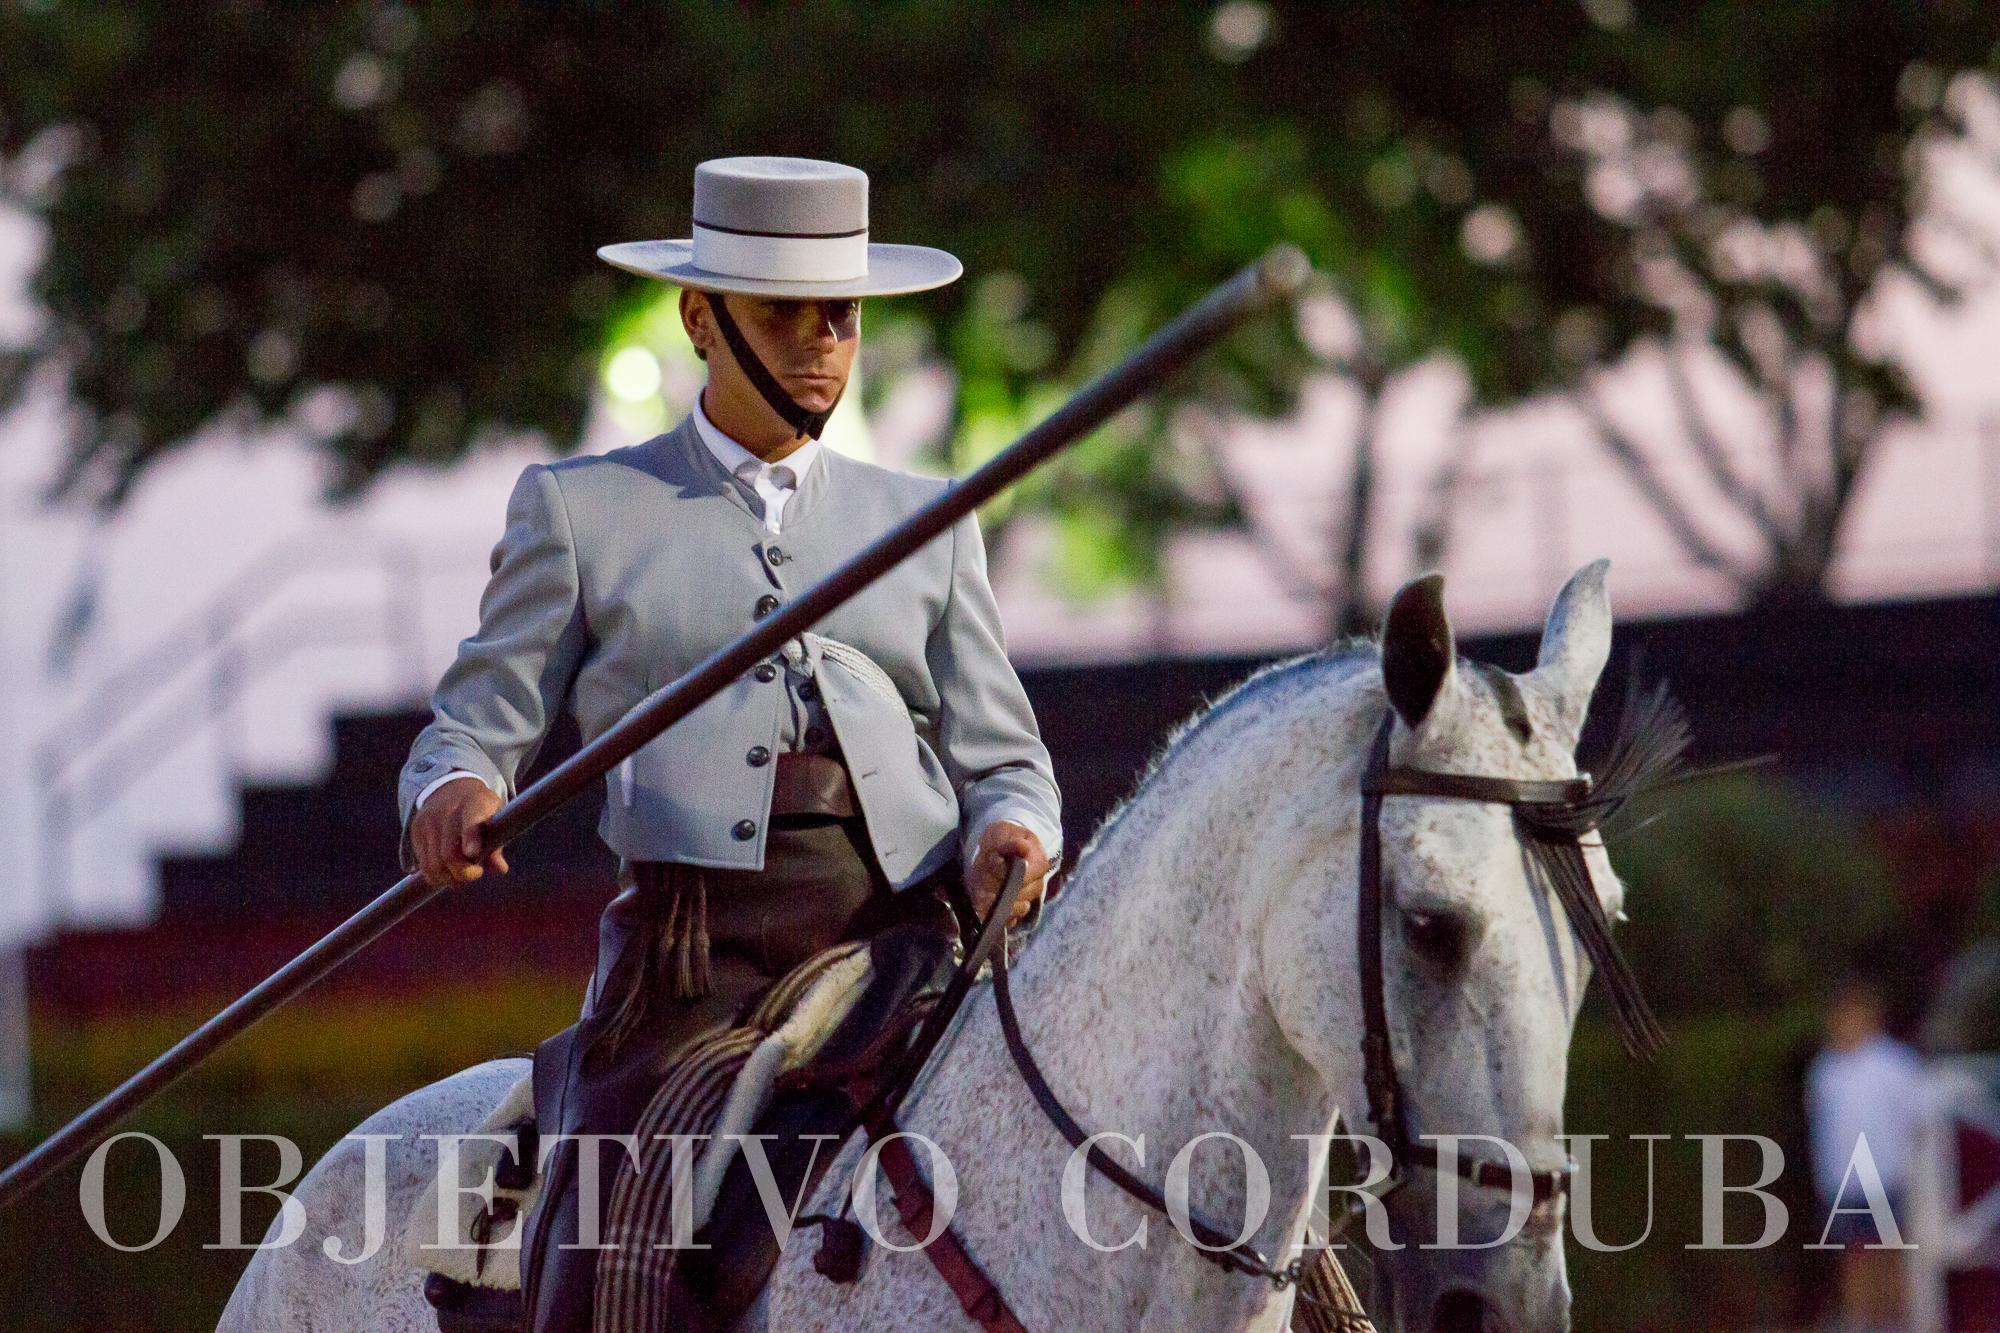 35329 CLUB HIPICO DE CORDOBA 01 de julio de 2016